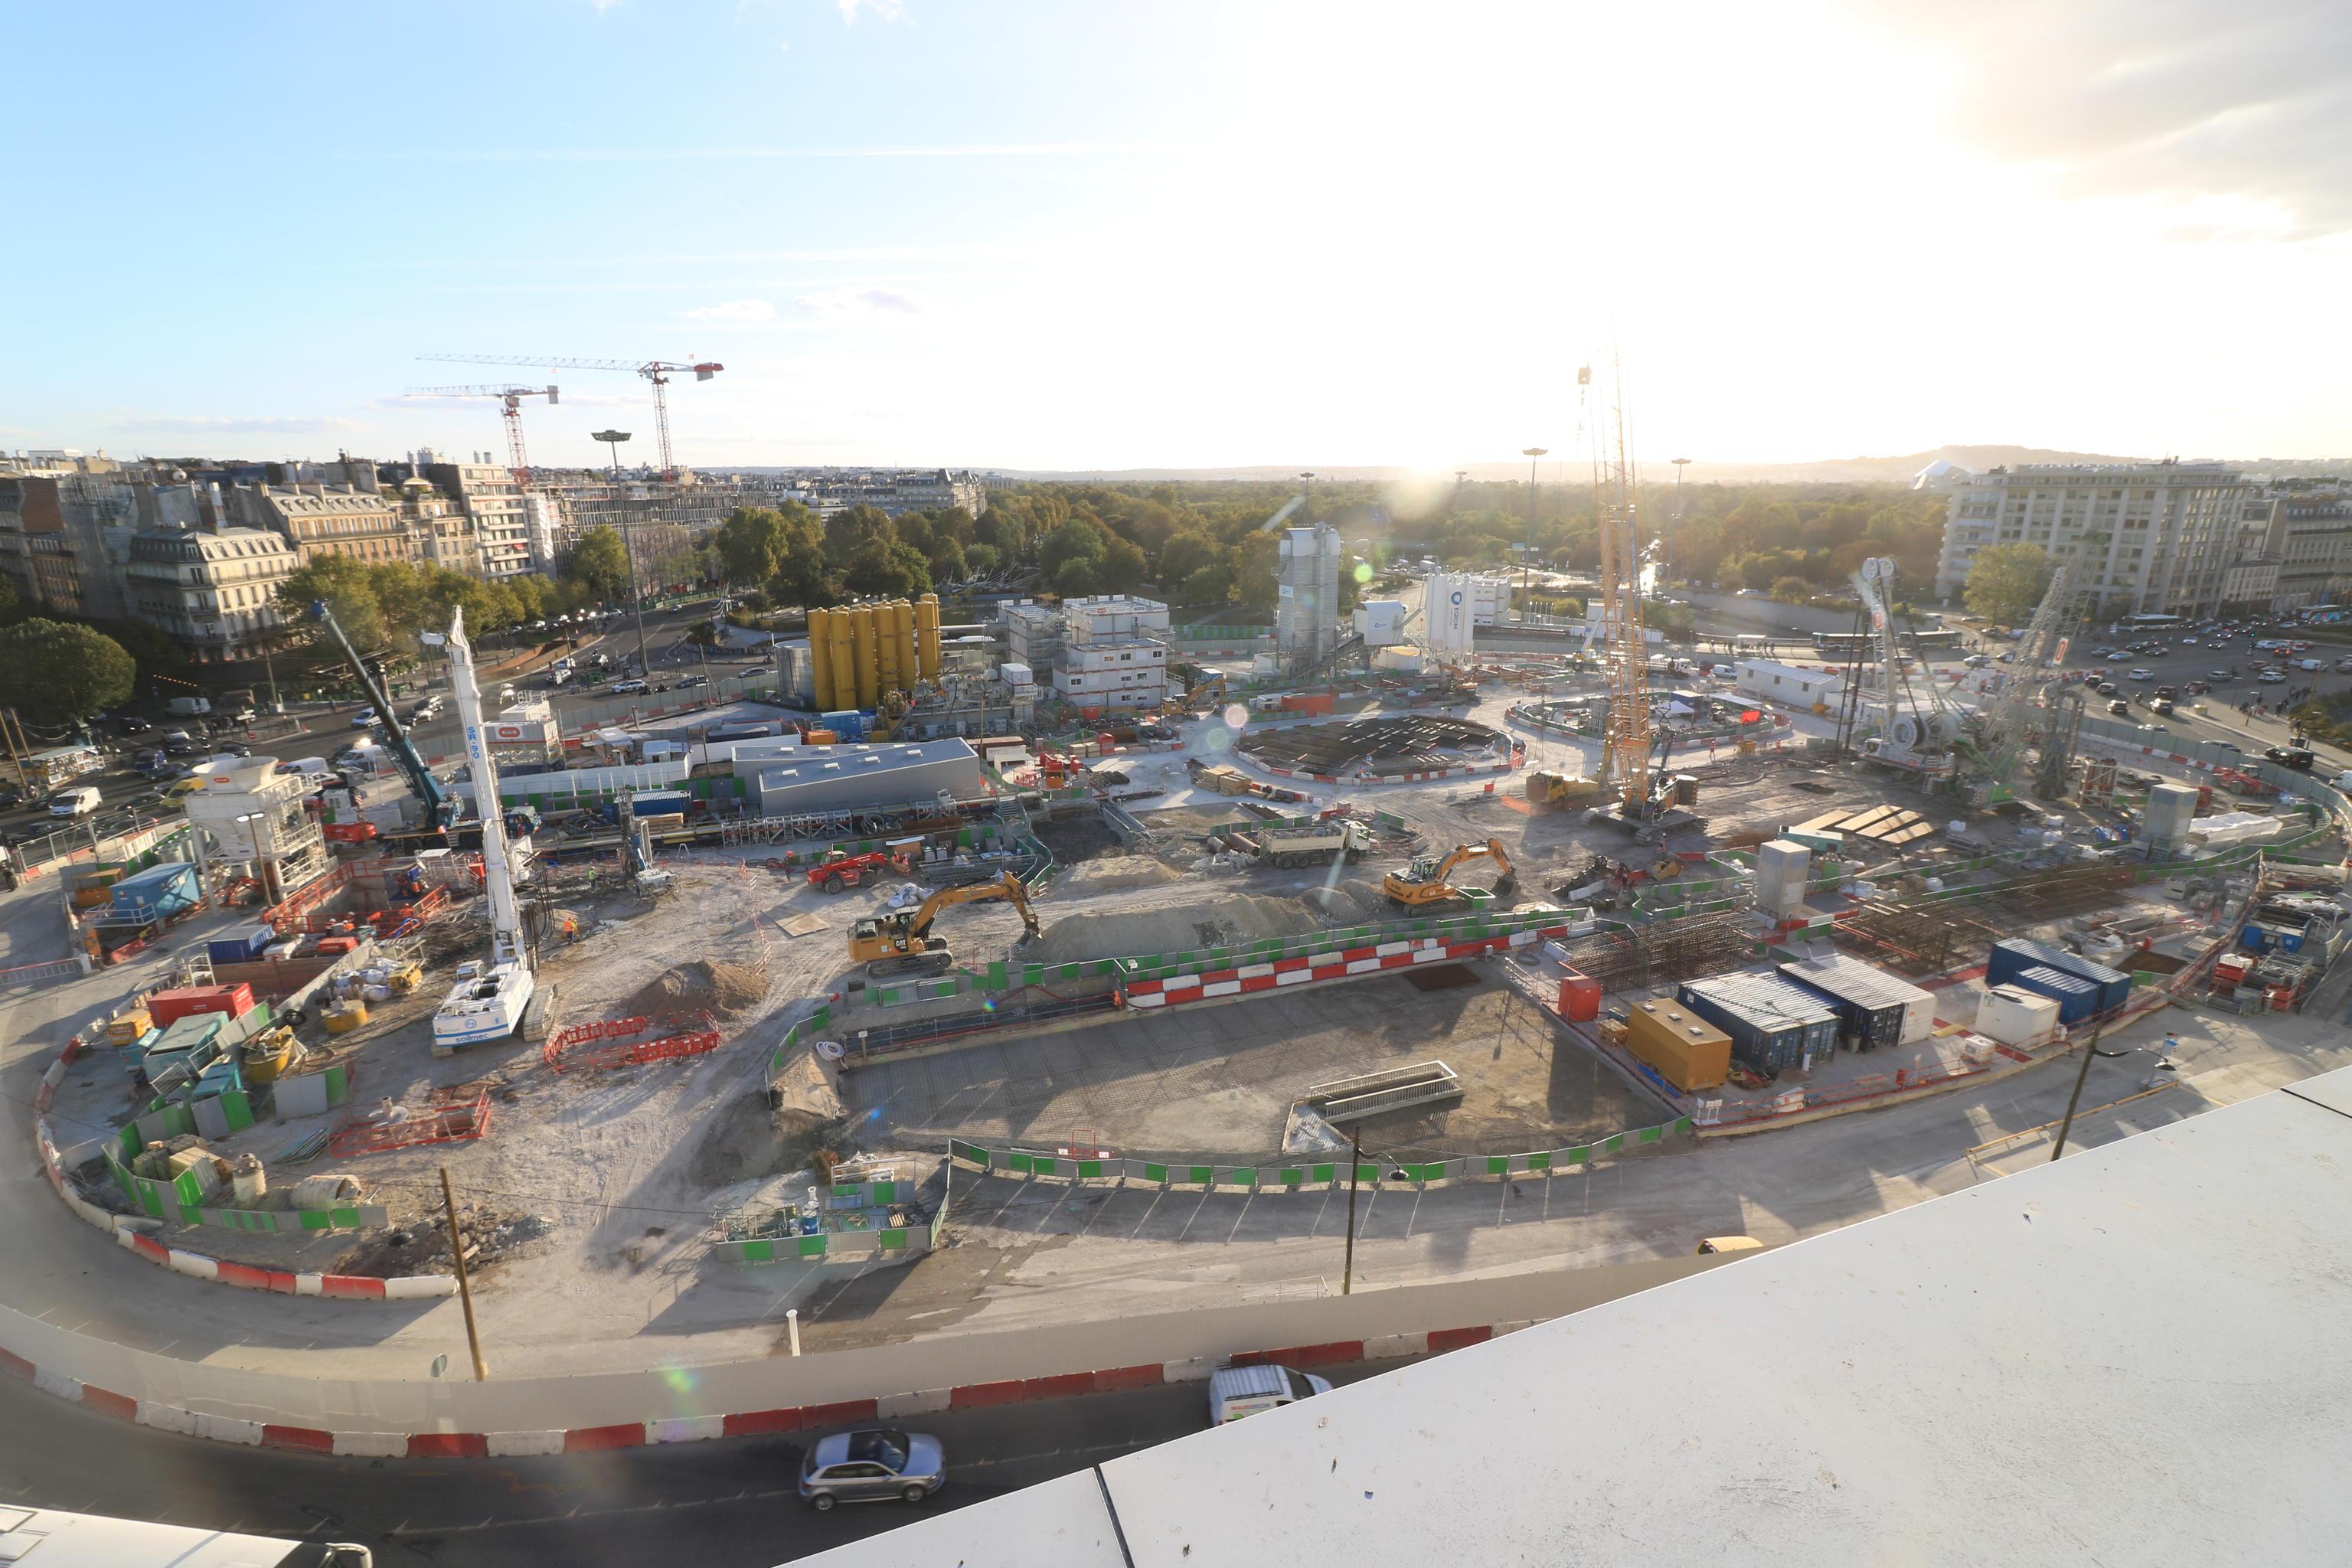 Photo pris du haut du palais des congrès, le rond point de Porte-Maillot a complètement disparu, il laisse place à un immense chantier de terre avec des véhicules lourds, des grues.